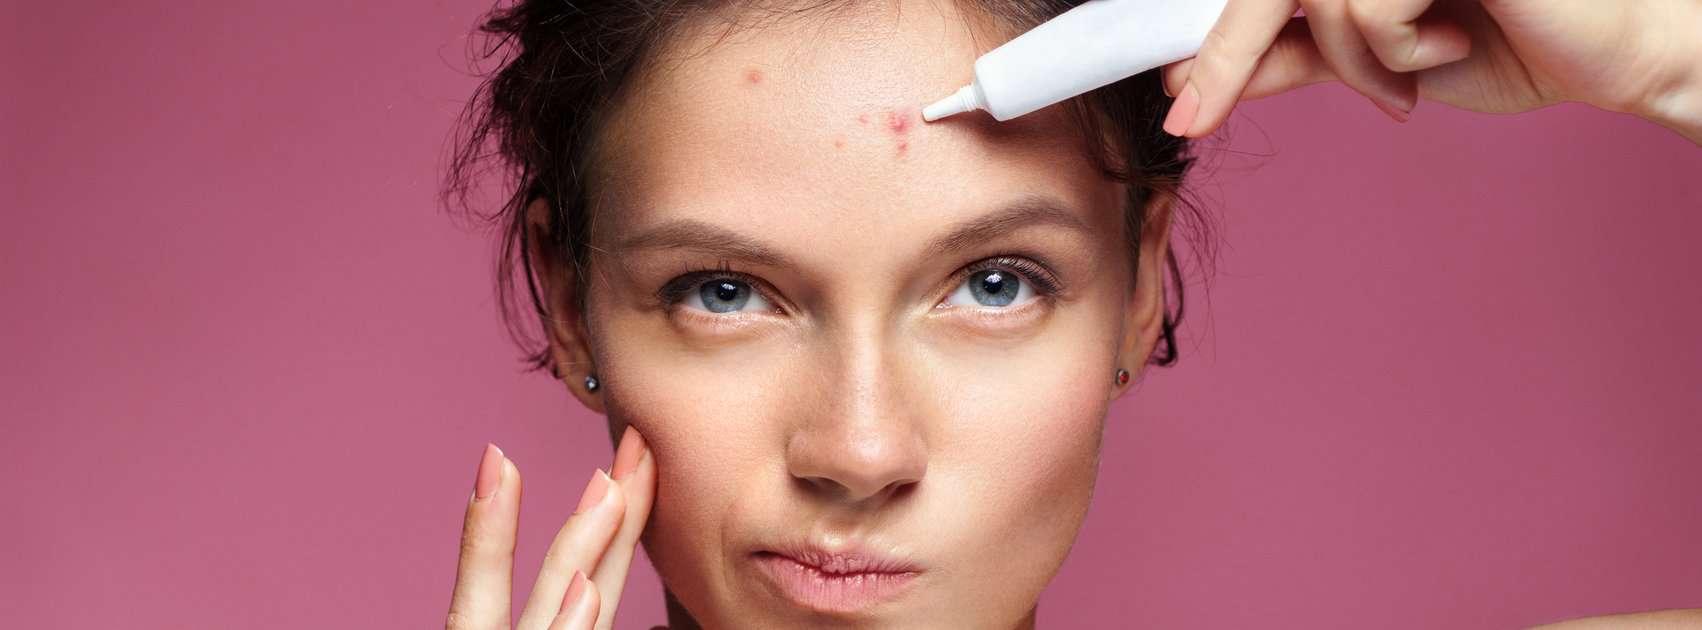 Acne voorkomen en behandelen